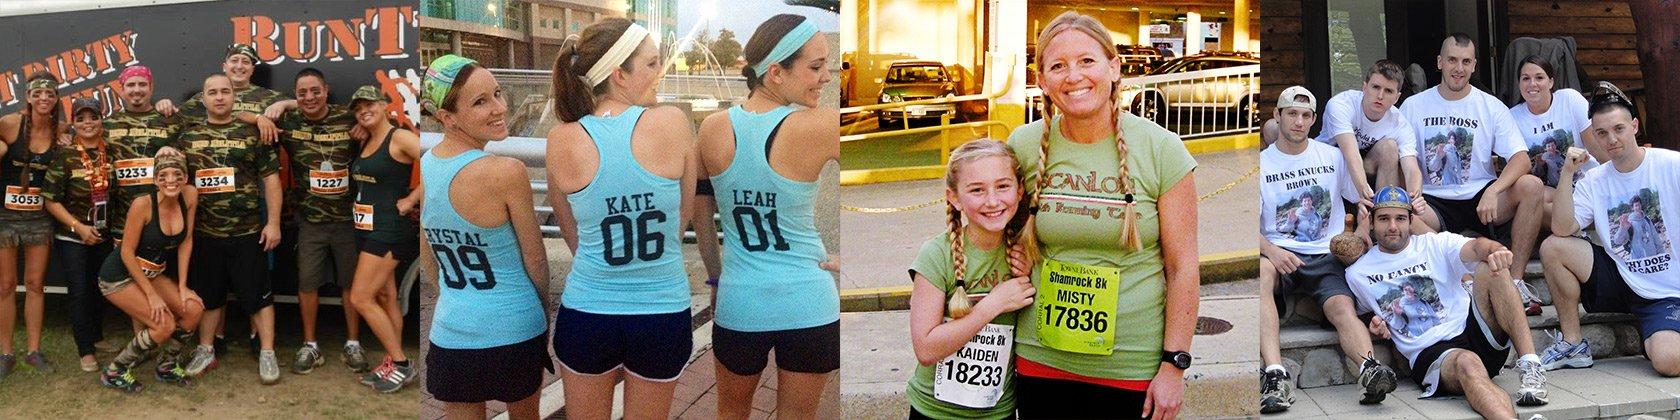 af0d401b5ce7b Charity Run/Walk T-Shirts, Funny Running Shirts, 5k Tanks